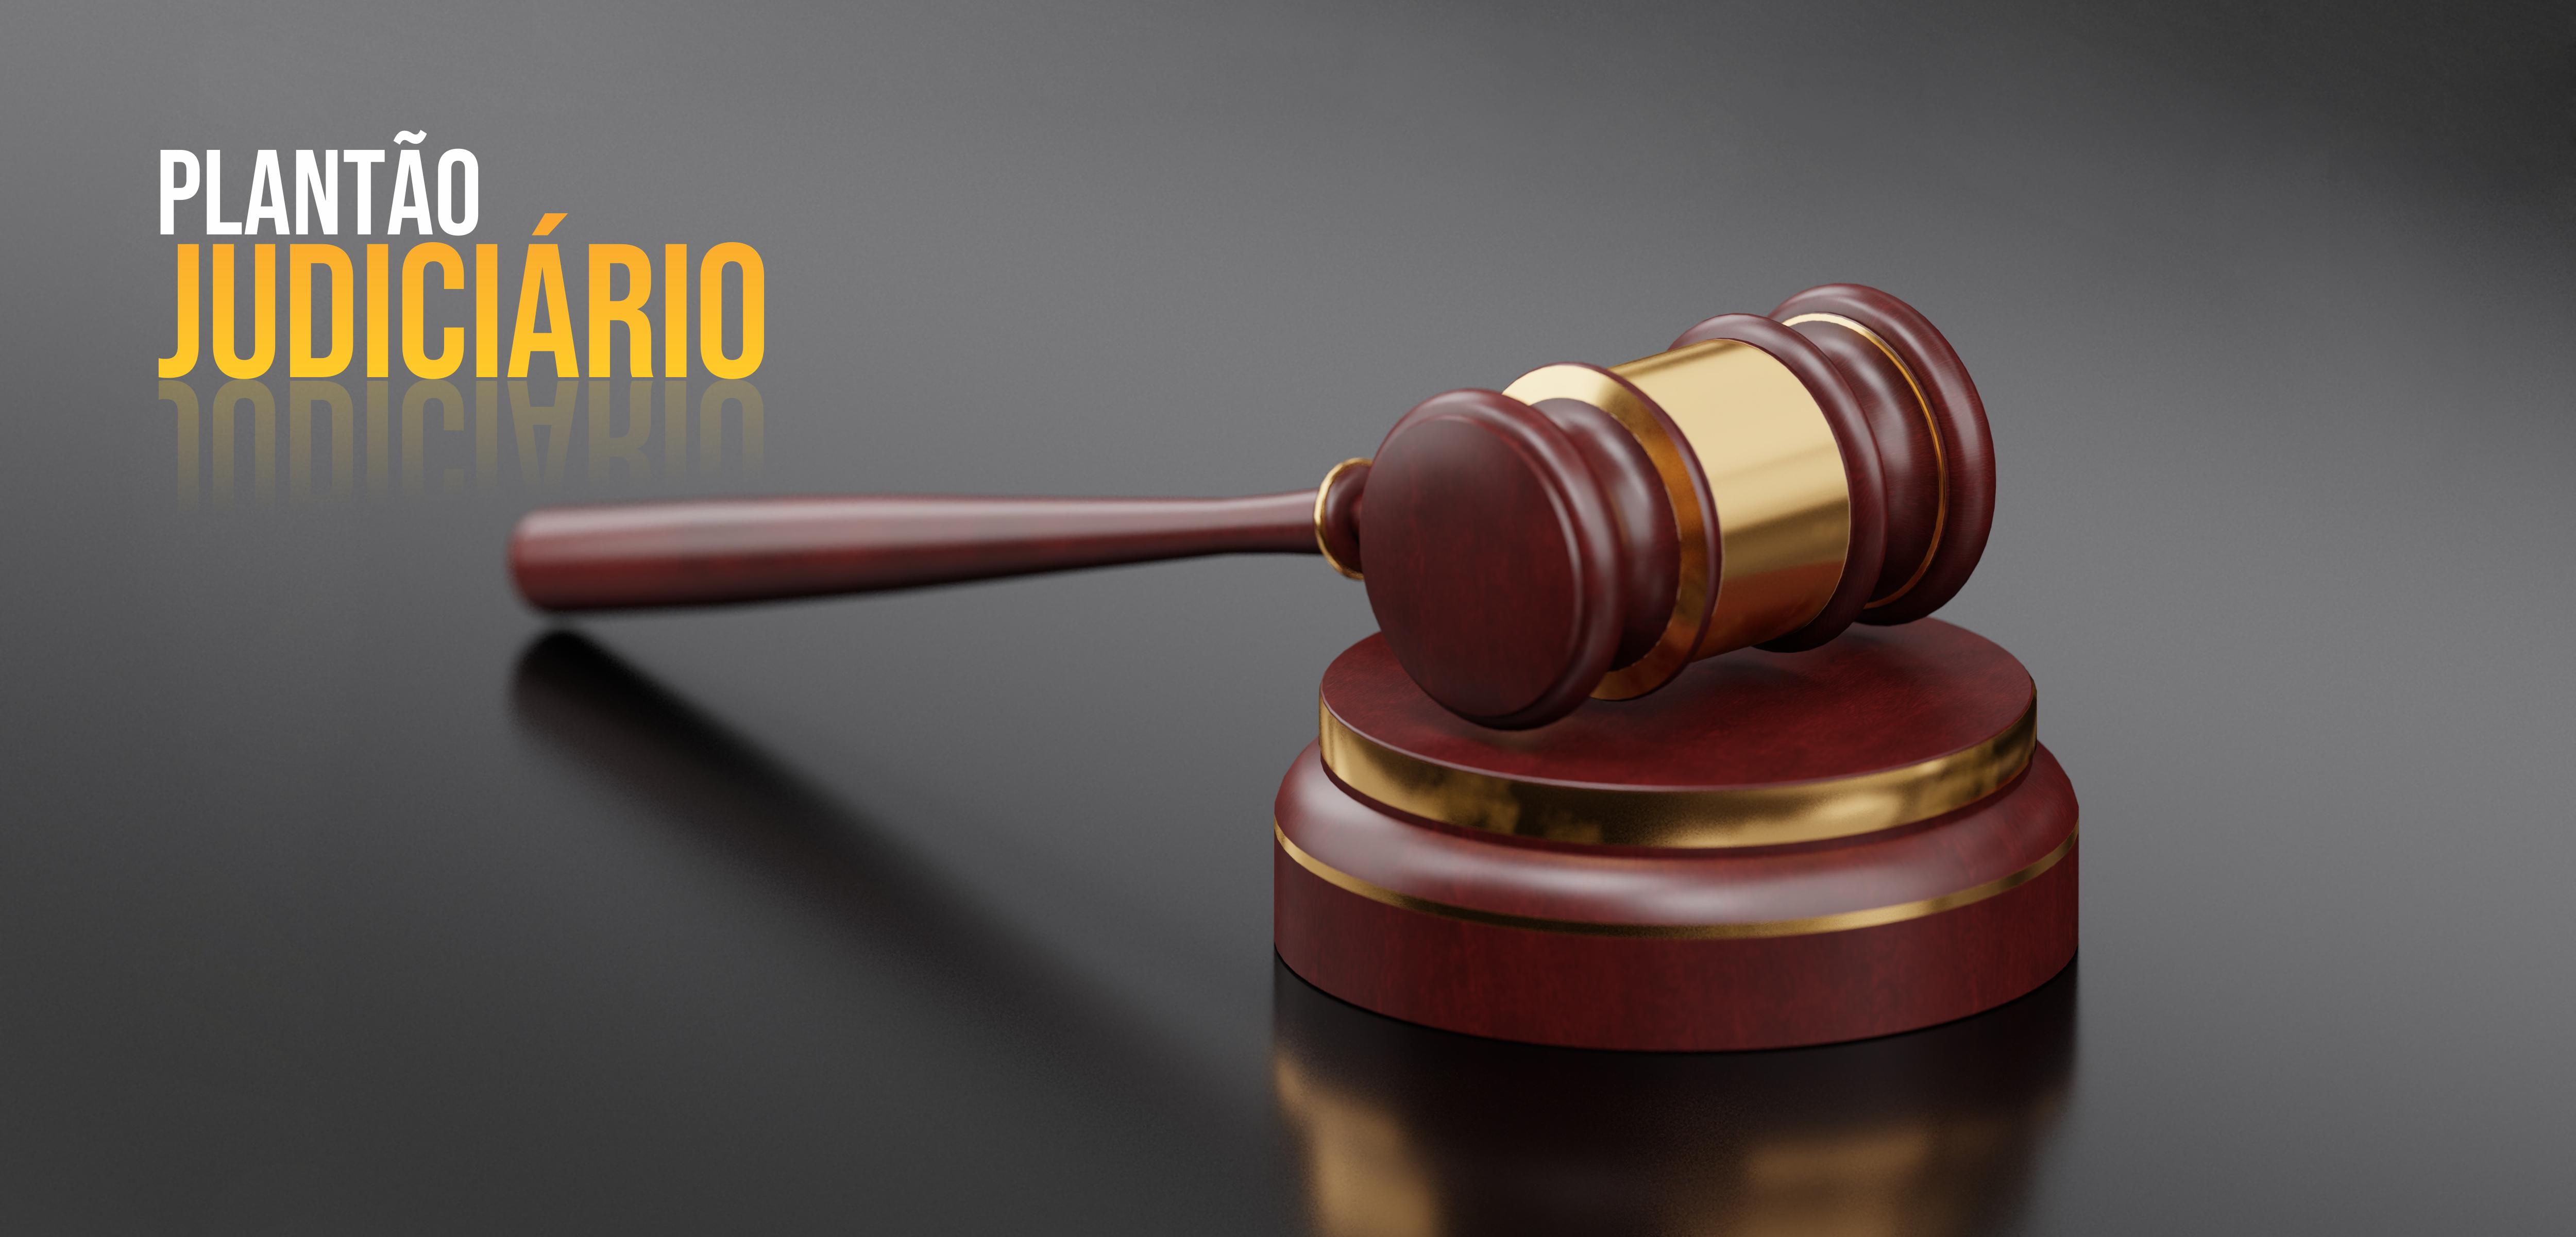 Plantão do Tribunal registra a entrada de dez habeas corpus nessa quinta-feira